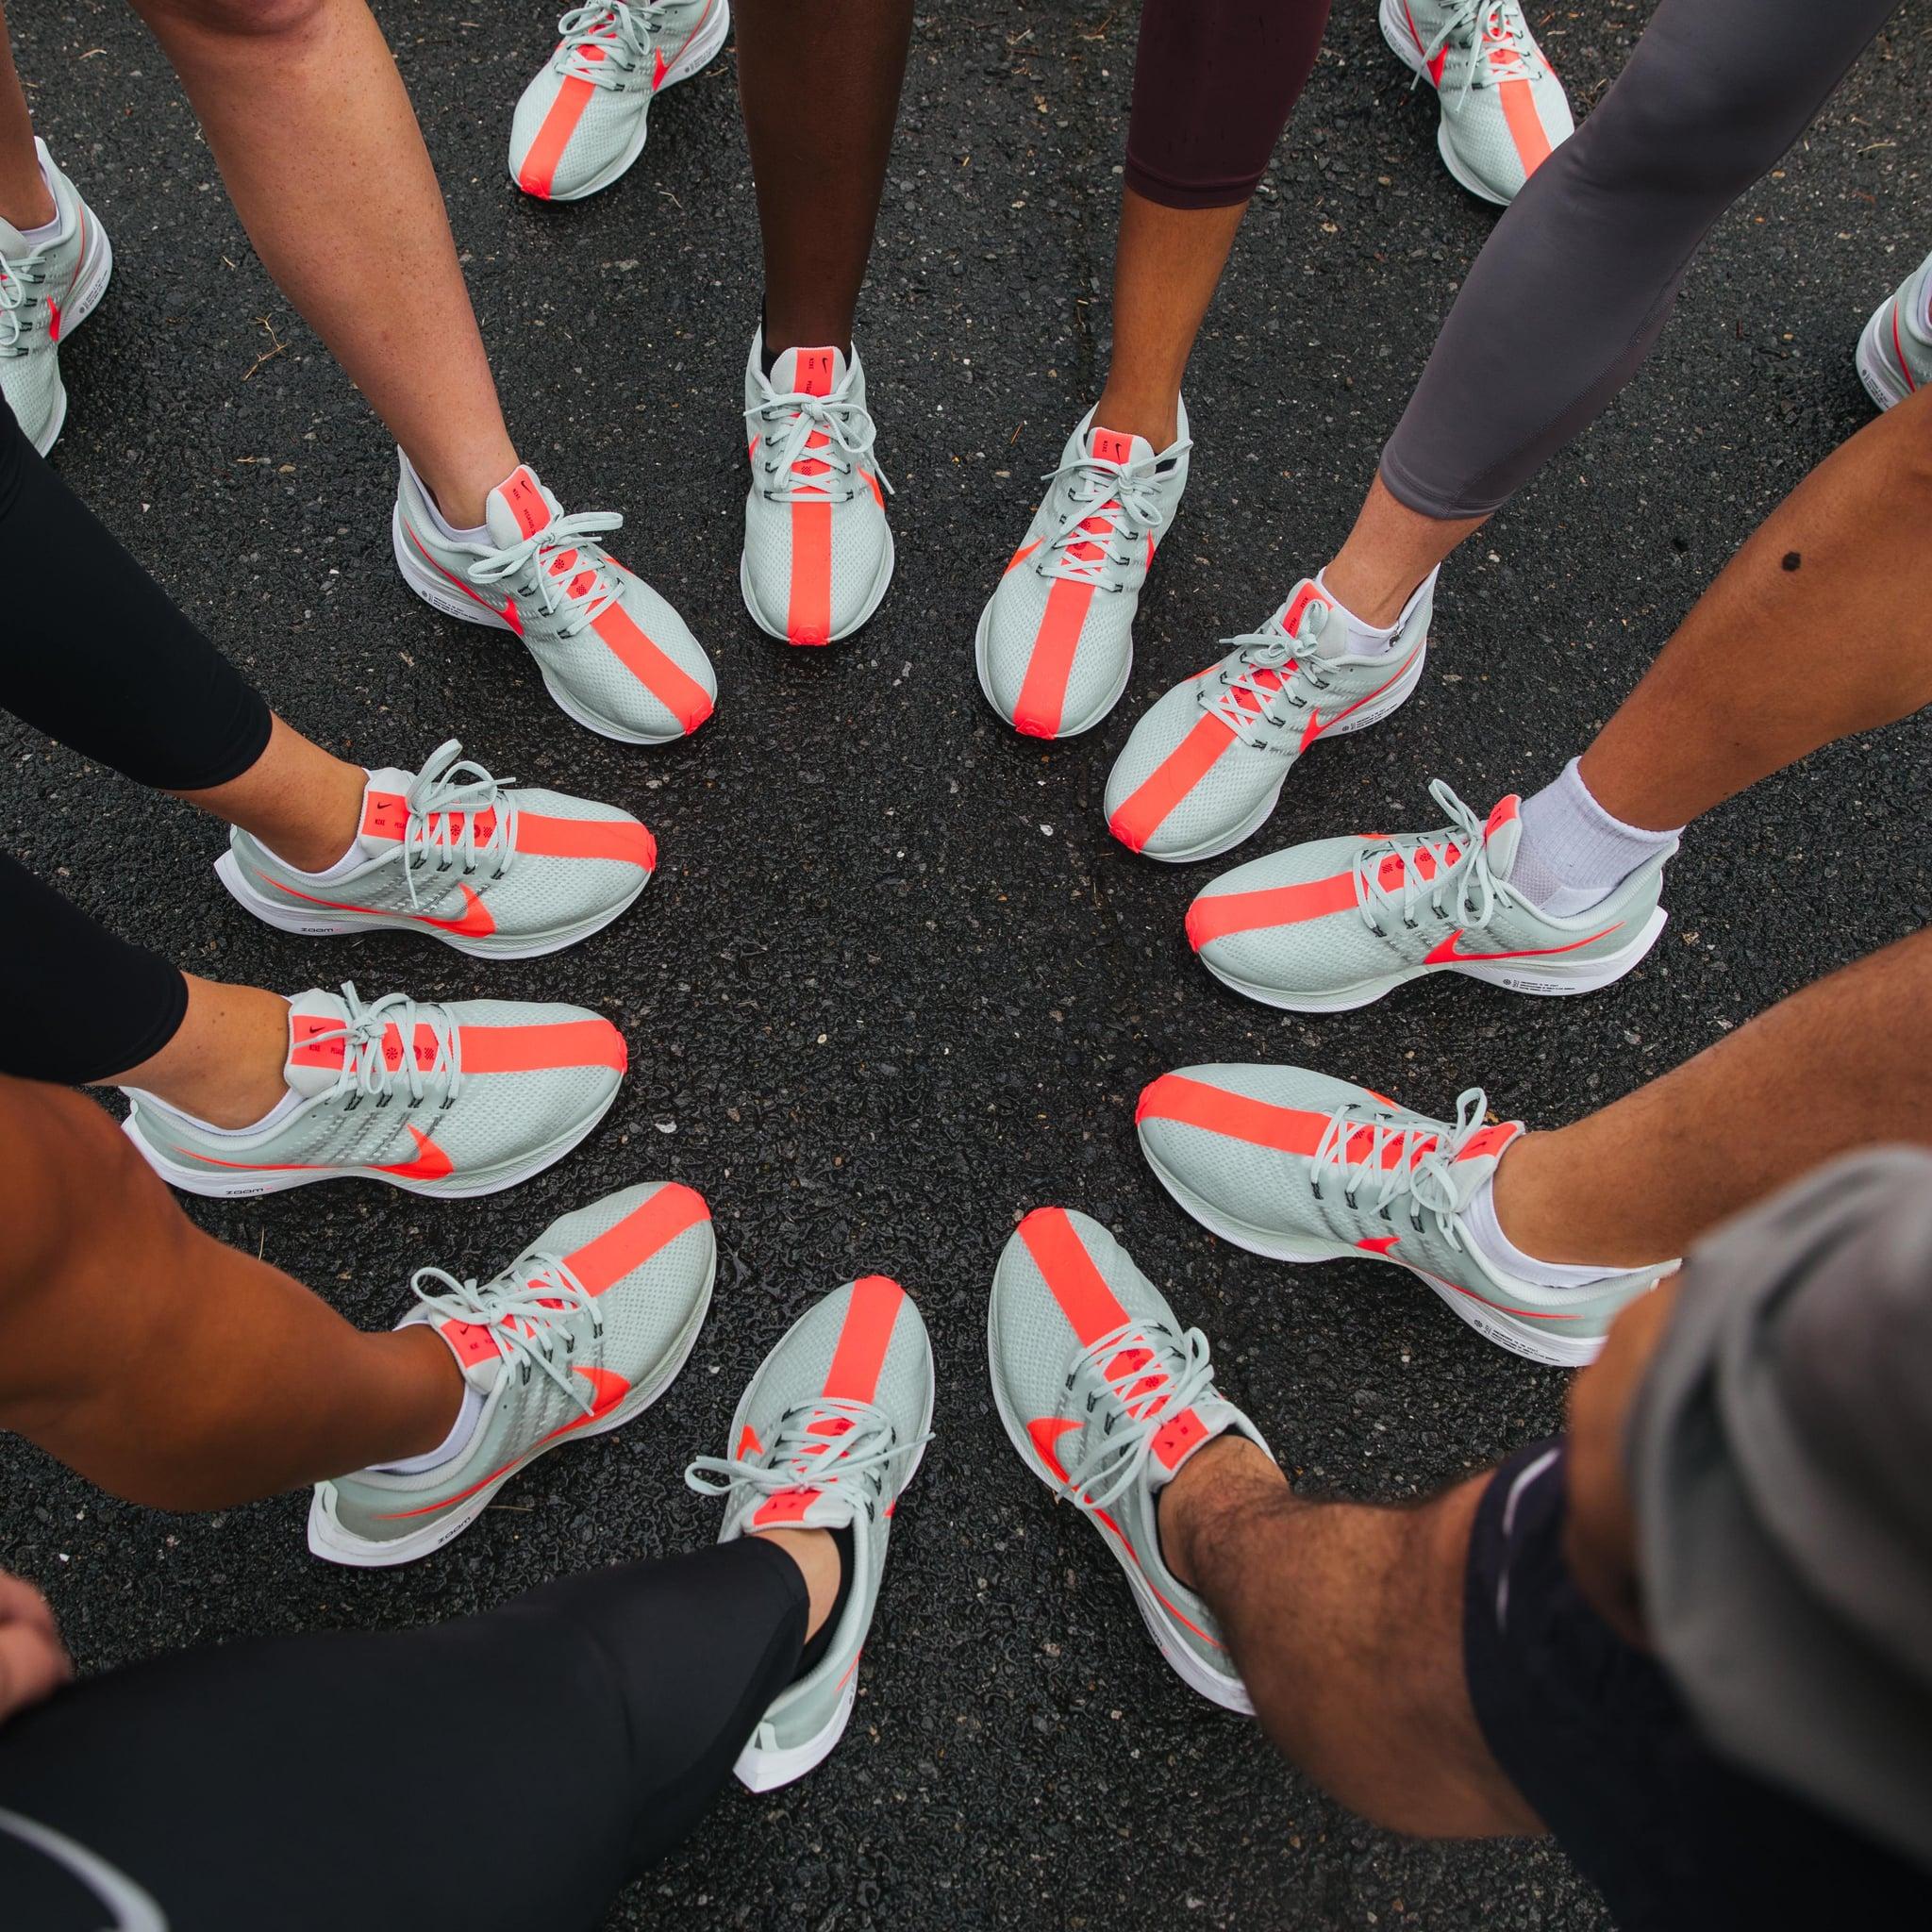 0bd8baaab5fe8 Nike Zoom Pegasus Turbo Running Shoe Review